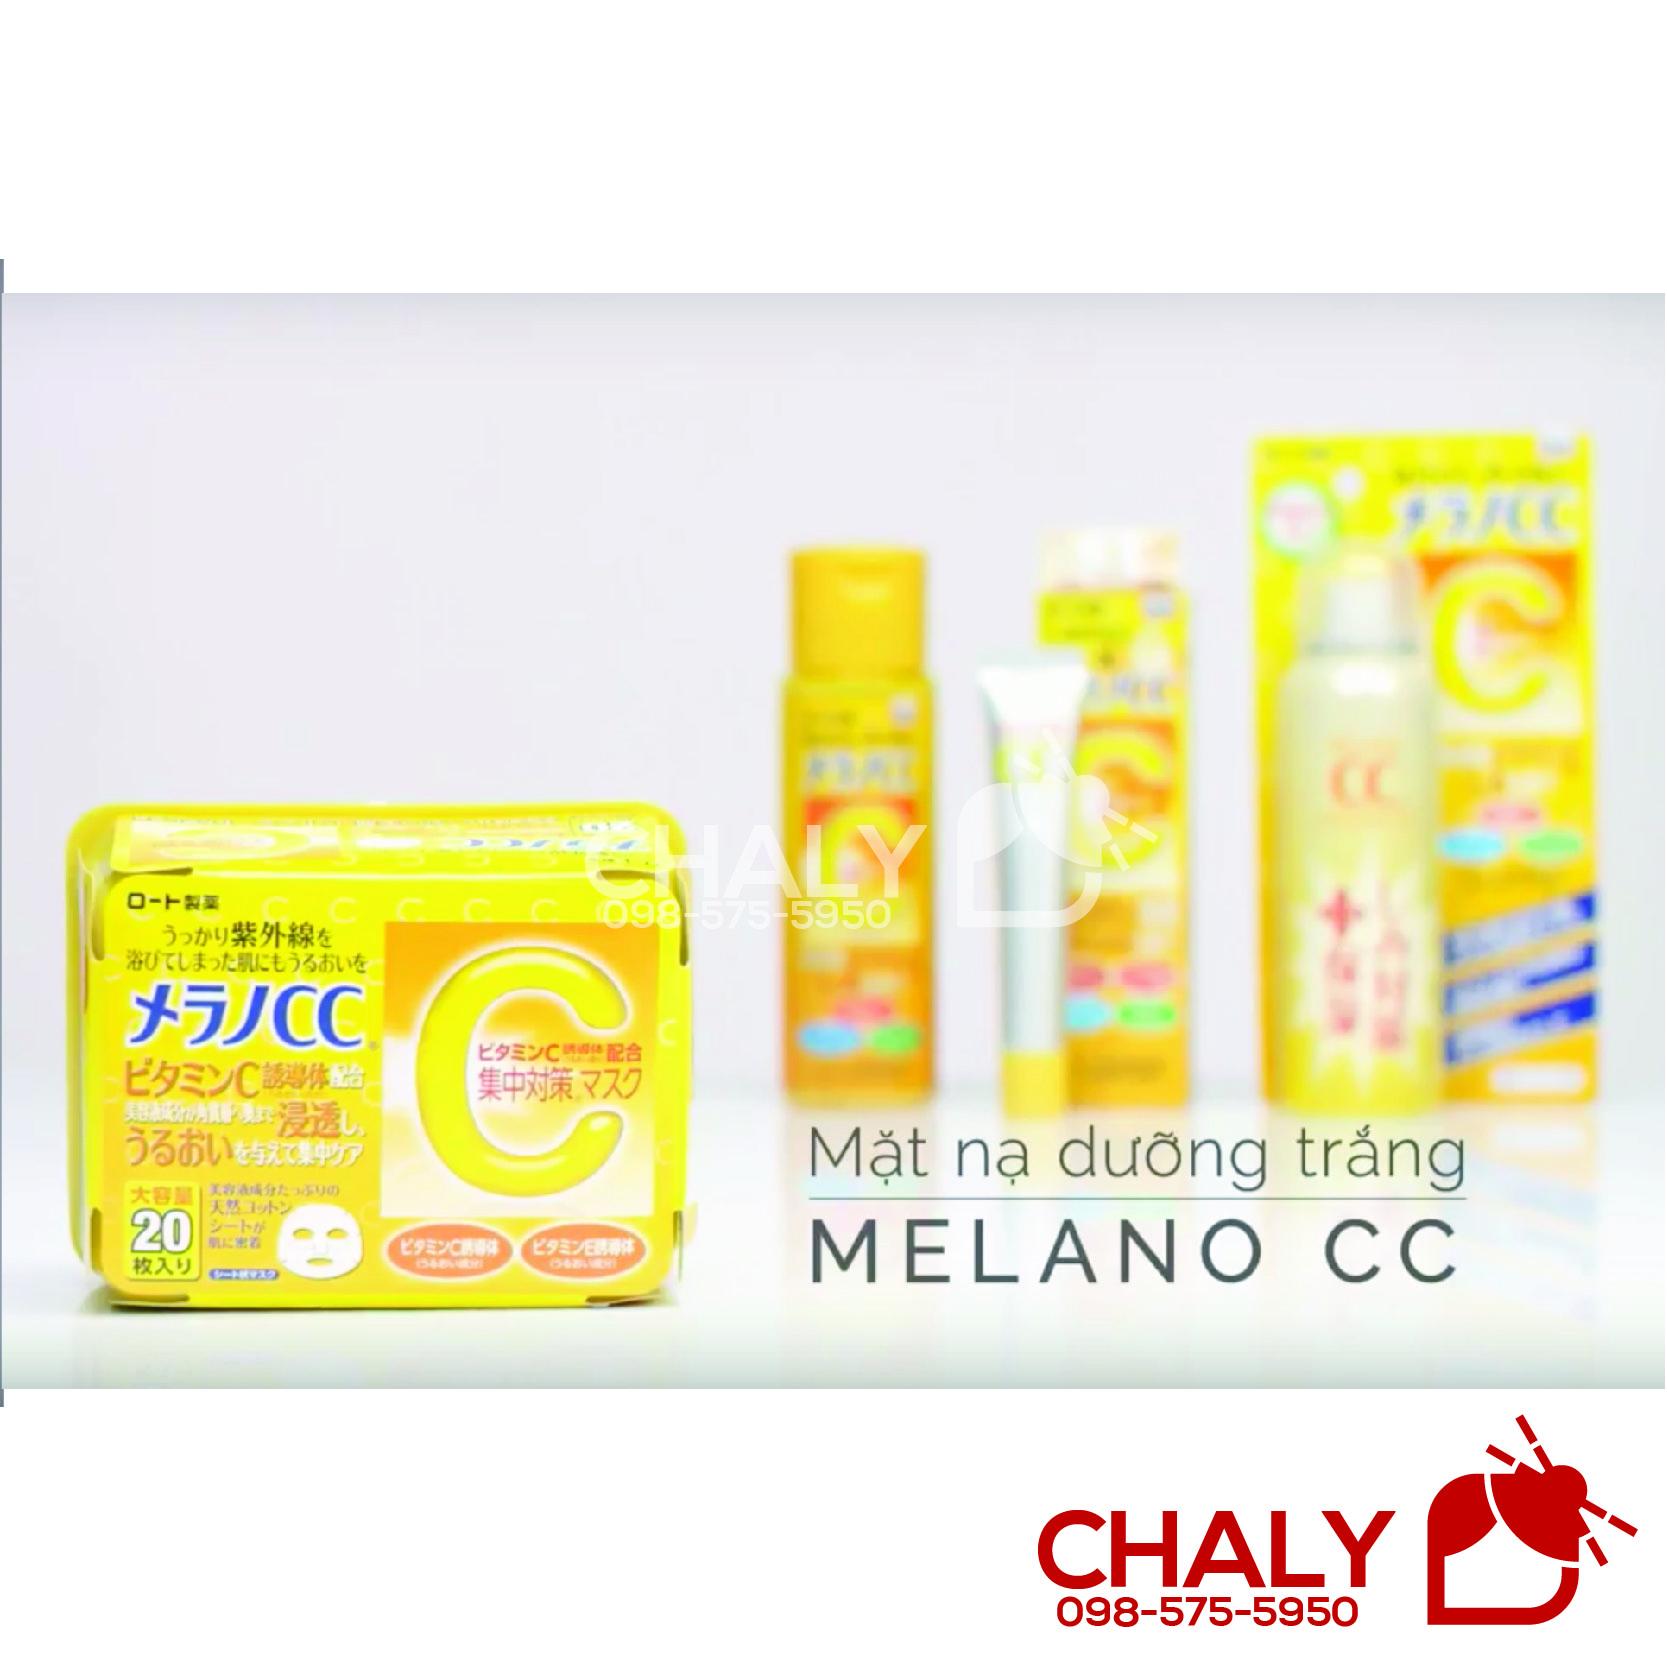 Set dưỡng trị thâm Melano CC còn có: Nước hoa hồng, Serum tinh chất và Xịt khoáng